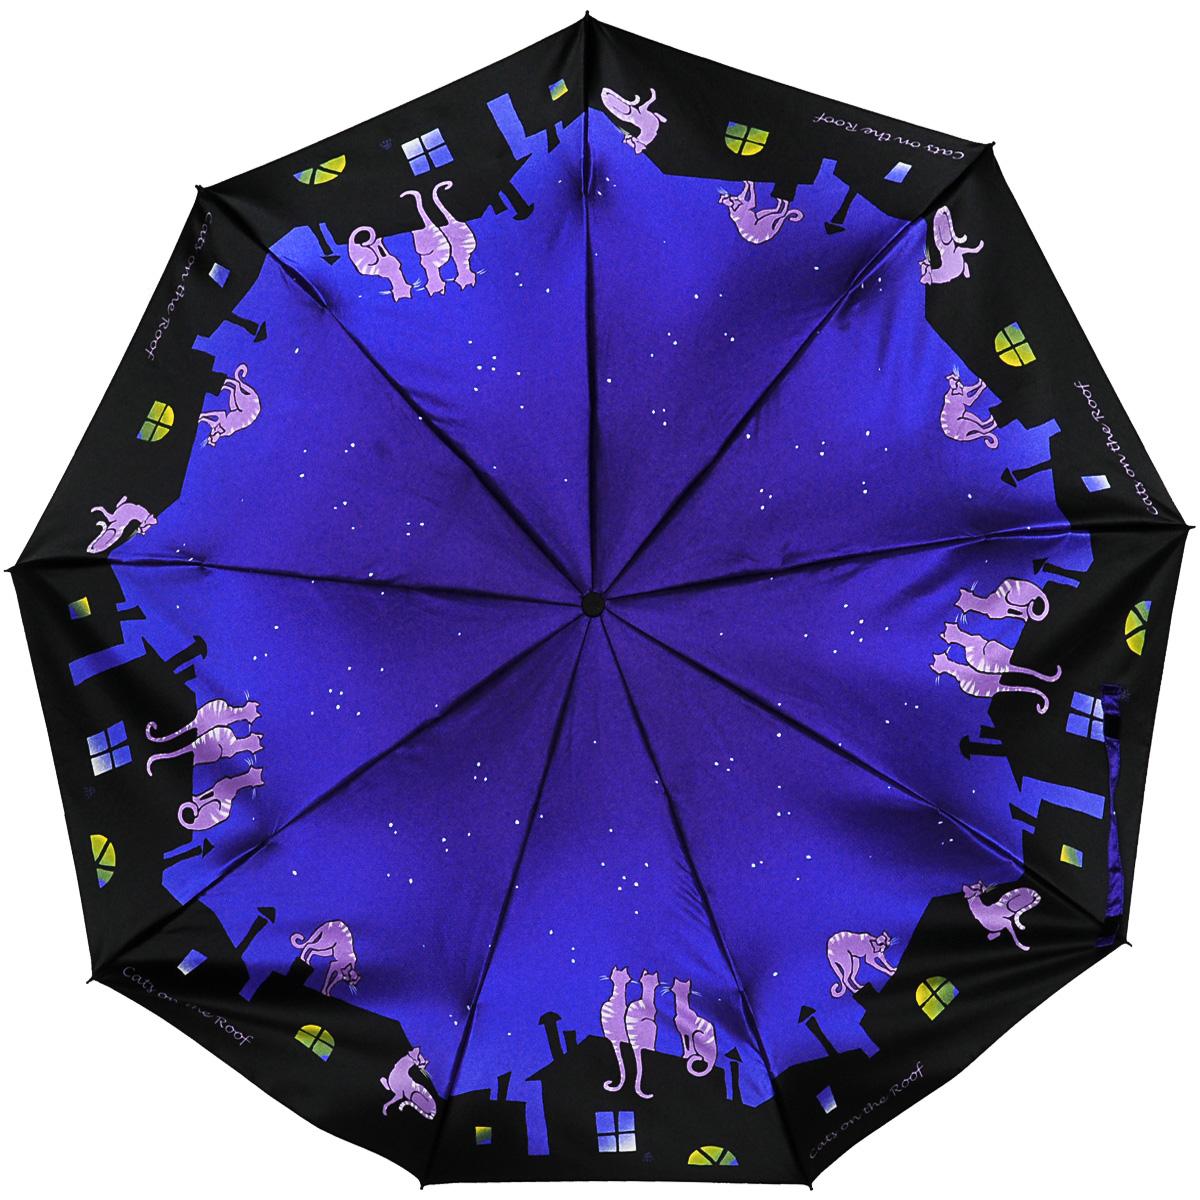 Зонт женский Zest, автомат, 3 сложения. 239444-78239444-78Женский автоматический зонт Zest в 3 сложения даже в ненастную погоду позволит вам оставаться стильной и элегантной. Каркас зонта состоит из 8 спиц из фибергласса и прочного стального стержня. Специальная система Windproof защищает его от поломок во время сильных порывов ветра. Купол зонта выполнен из прочного полиэстера с водоотталкивающей пропиткой и оформлен оригинальным изображением. Используемые высококачественные красители, а также покрытие Teflon обеспечивают длительное сохранение свойств ткани купола. Рукоятка, разработанная с учетом требований эргономики, выполнена из приятного на ощупь прорезиненного пластика. Зонт имеет полный автоматический механизм сложения: купол открывается и закрывается нажатием кнопки на рукоятке, стержень складывается вручную до характерного щелчка, благодаря чему открыть и закрыть зонт можно одной рукой, что чрезвычайно удобно при входе в транспорт или помещение. На рукоятке для удобства есть небольшой шнурок, позволяющий надеть...